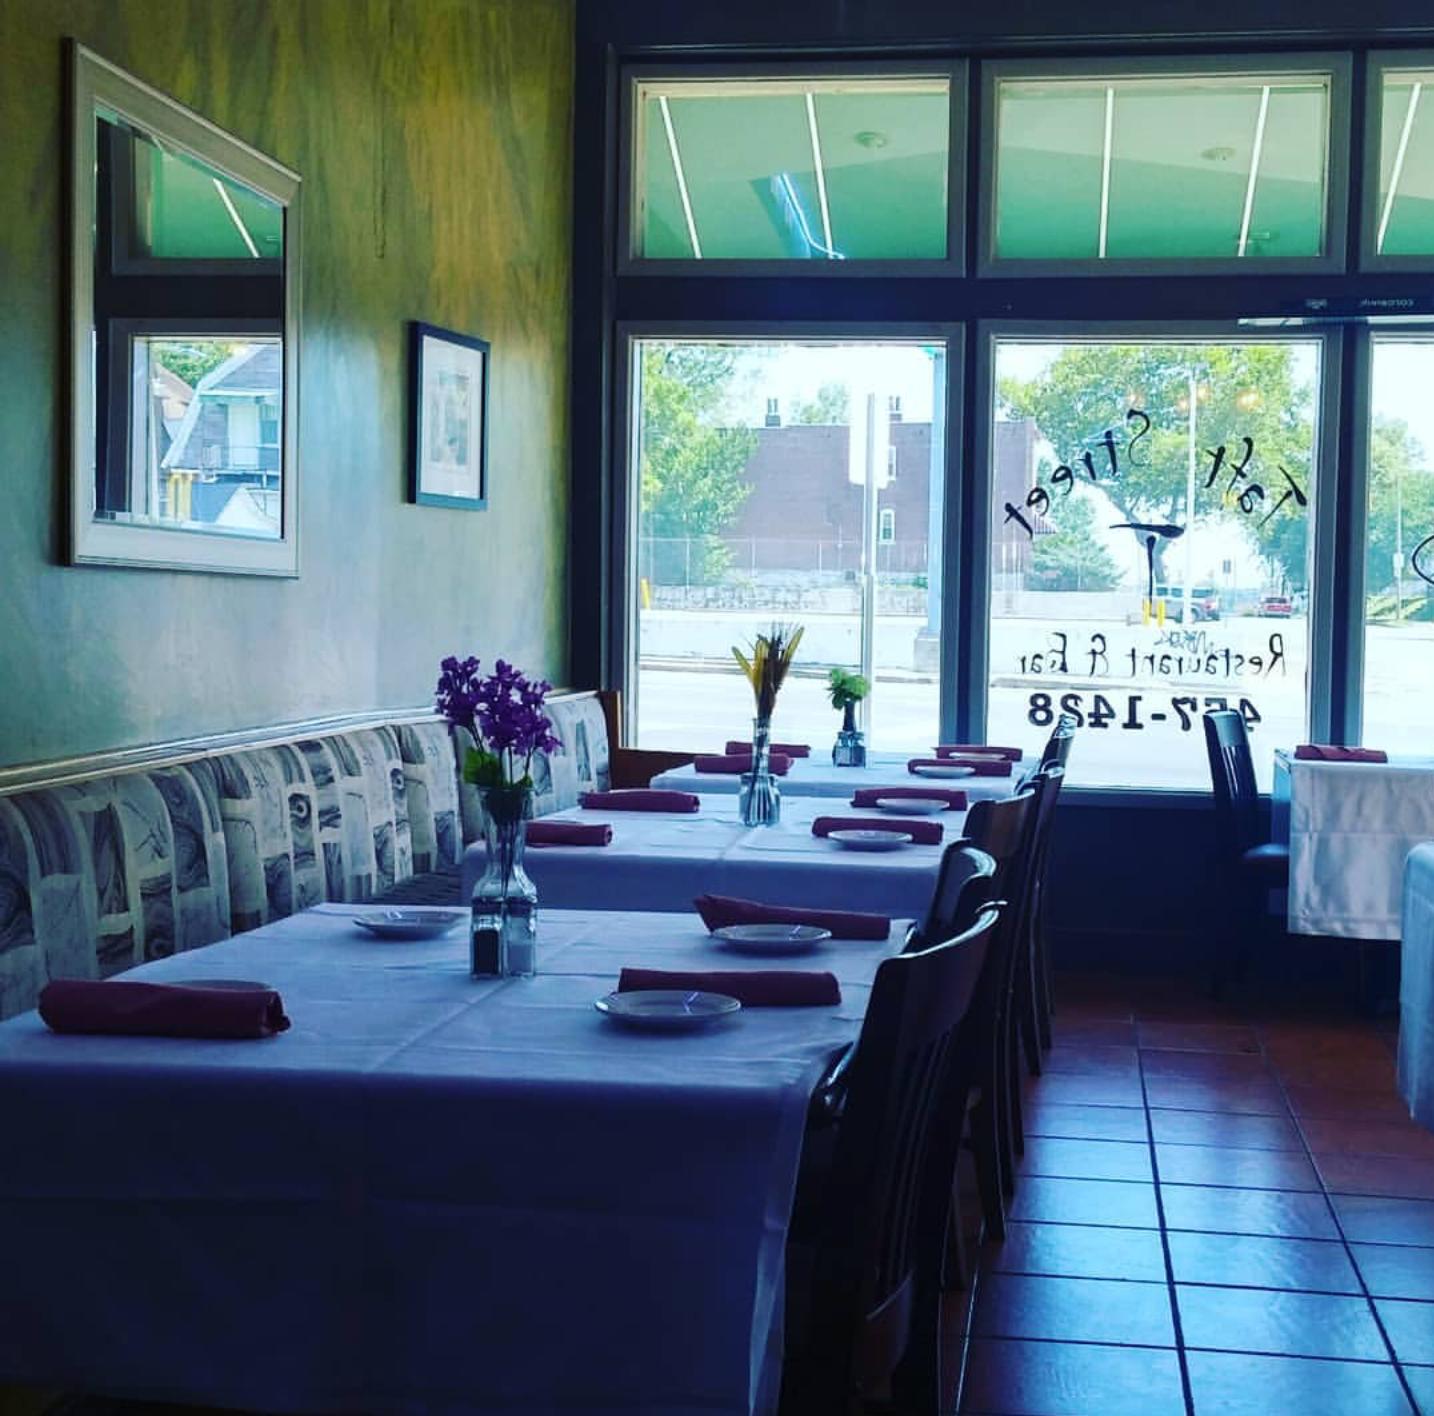 Taft-Street-Restaurant-Bar-01.png